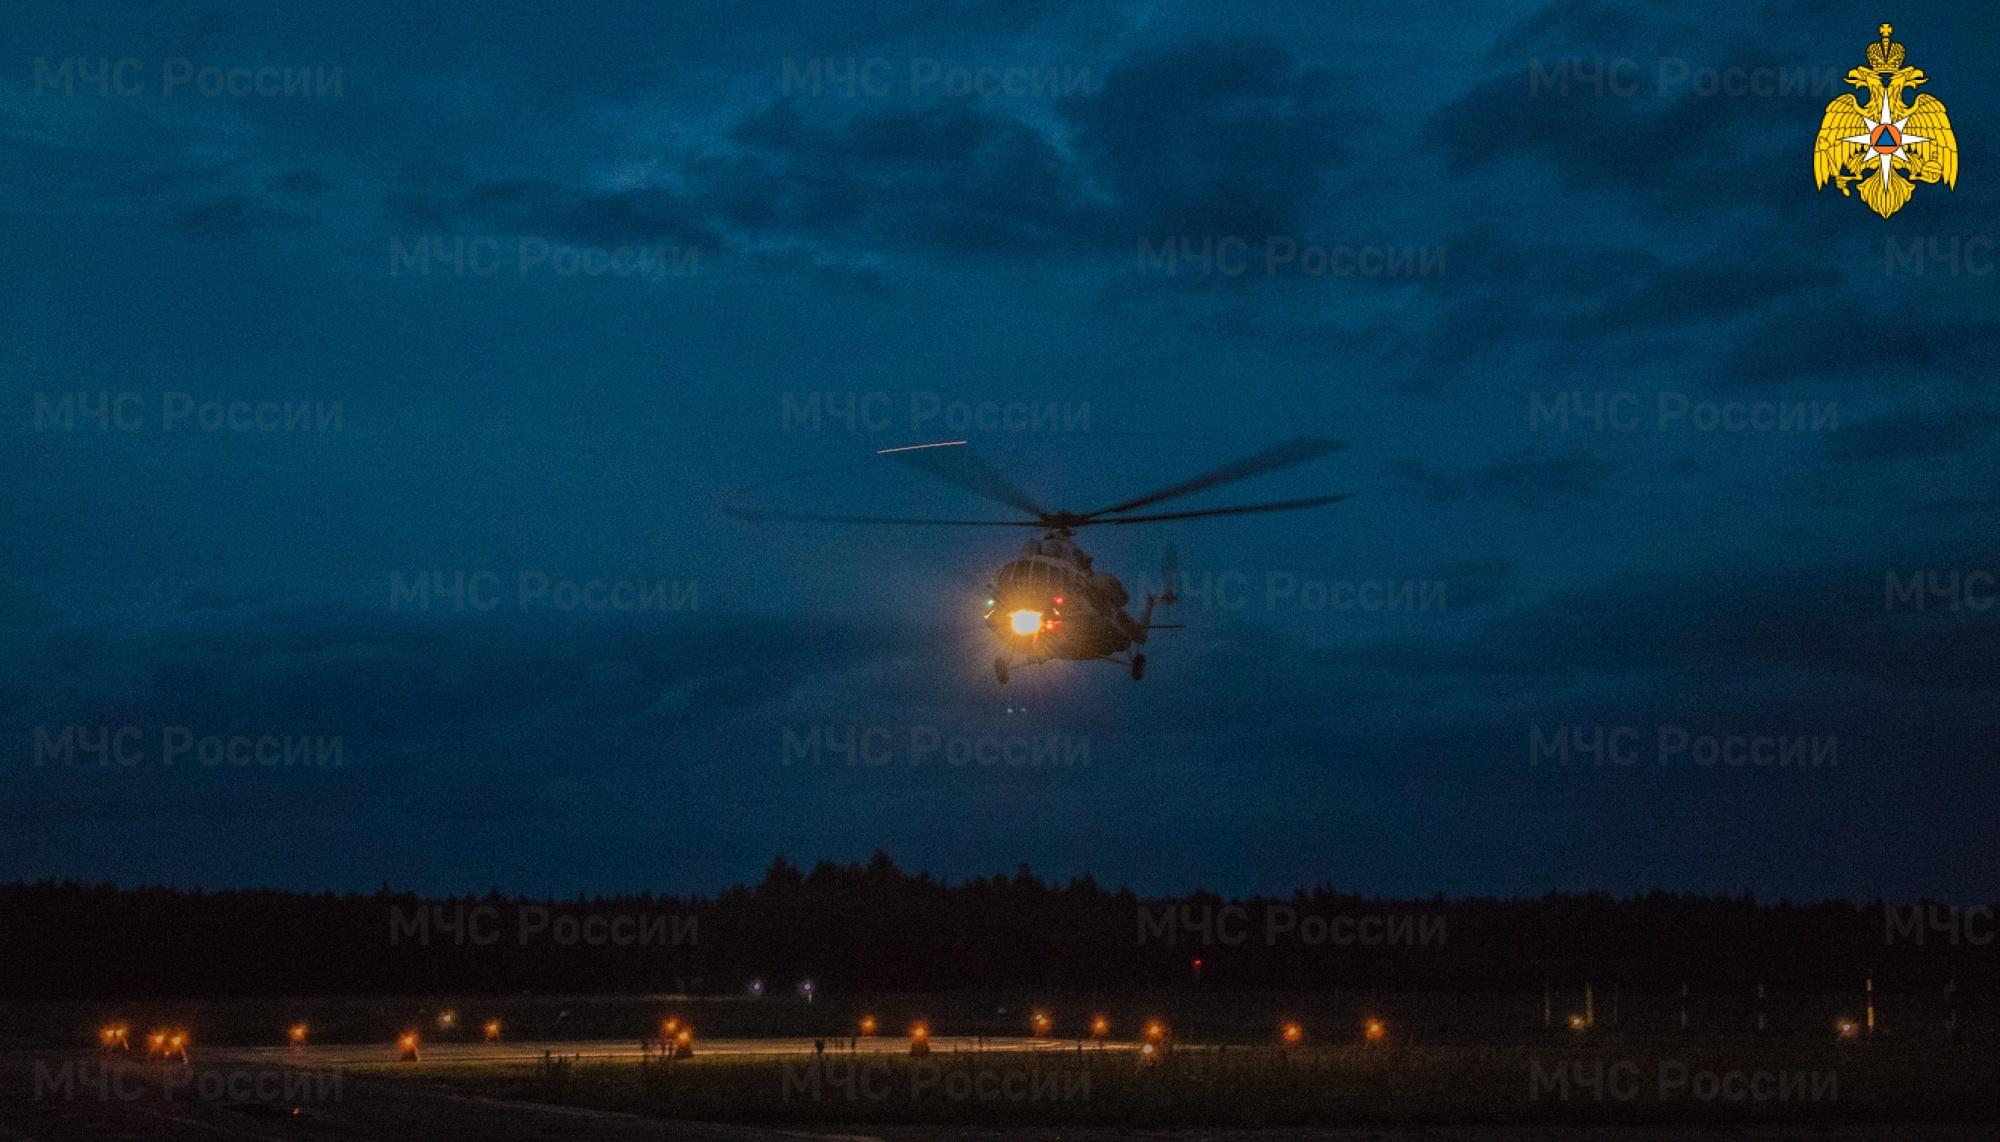 Ночью ребёнка экстренно доставили в Тверь на вертолёте